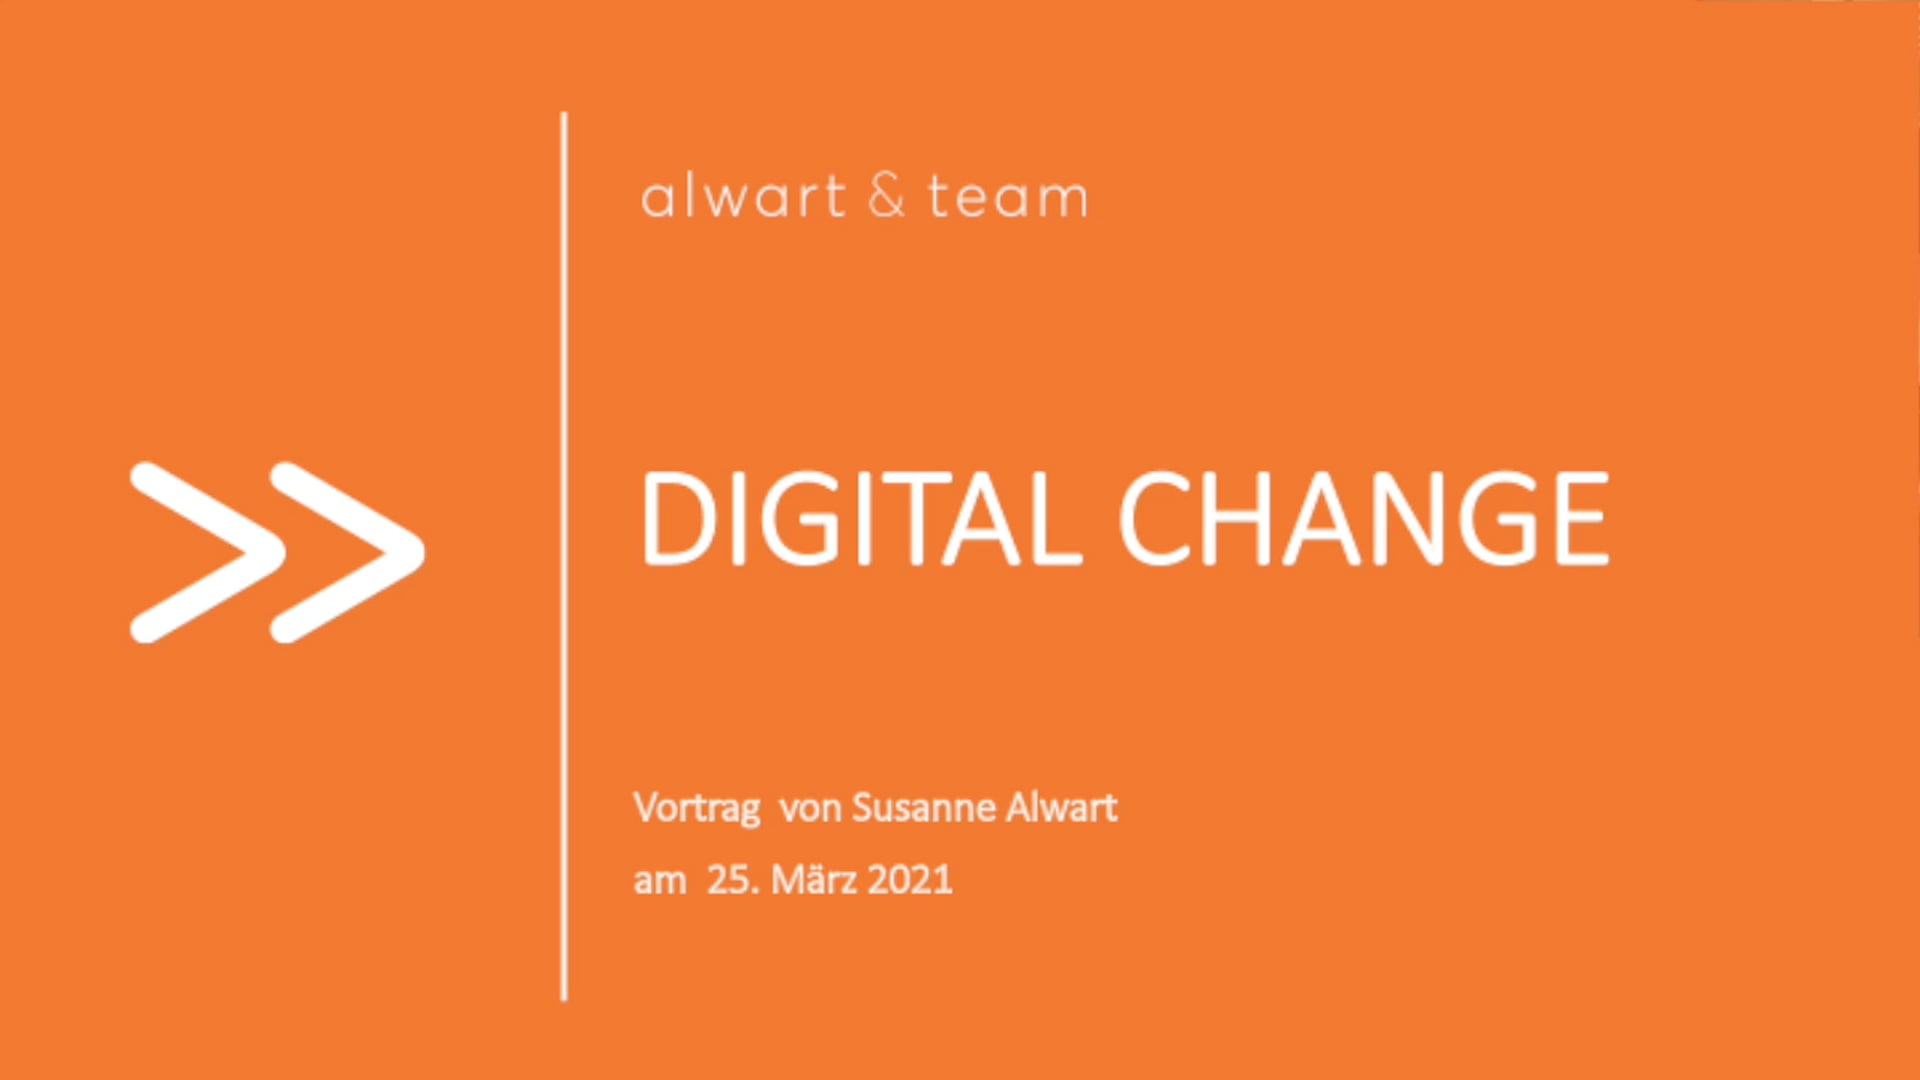 Digital Change   Vortrag von Susanne Alwart